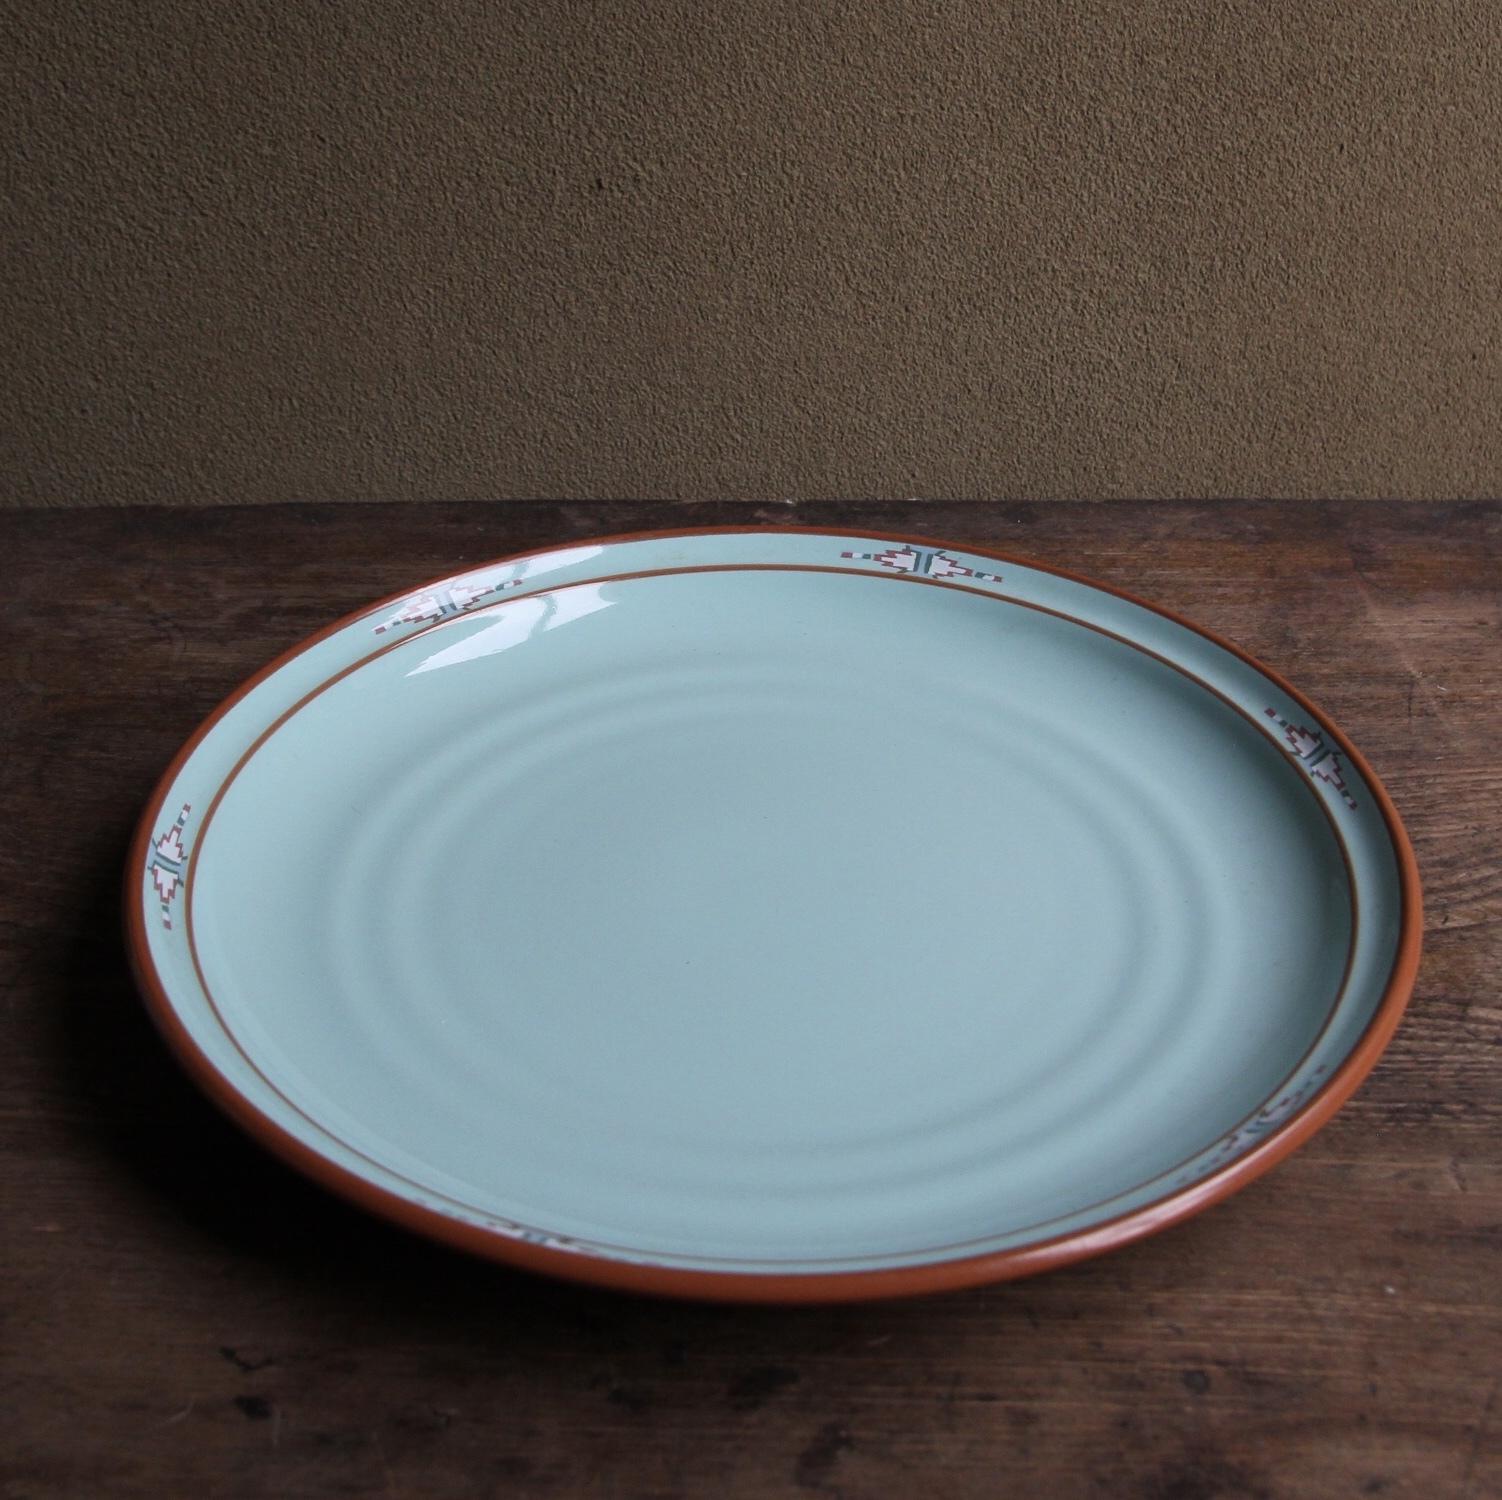 ノリタケ ボルダーリッジ プレート皿